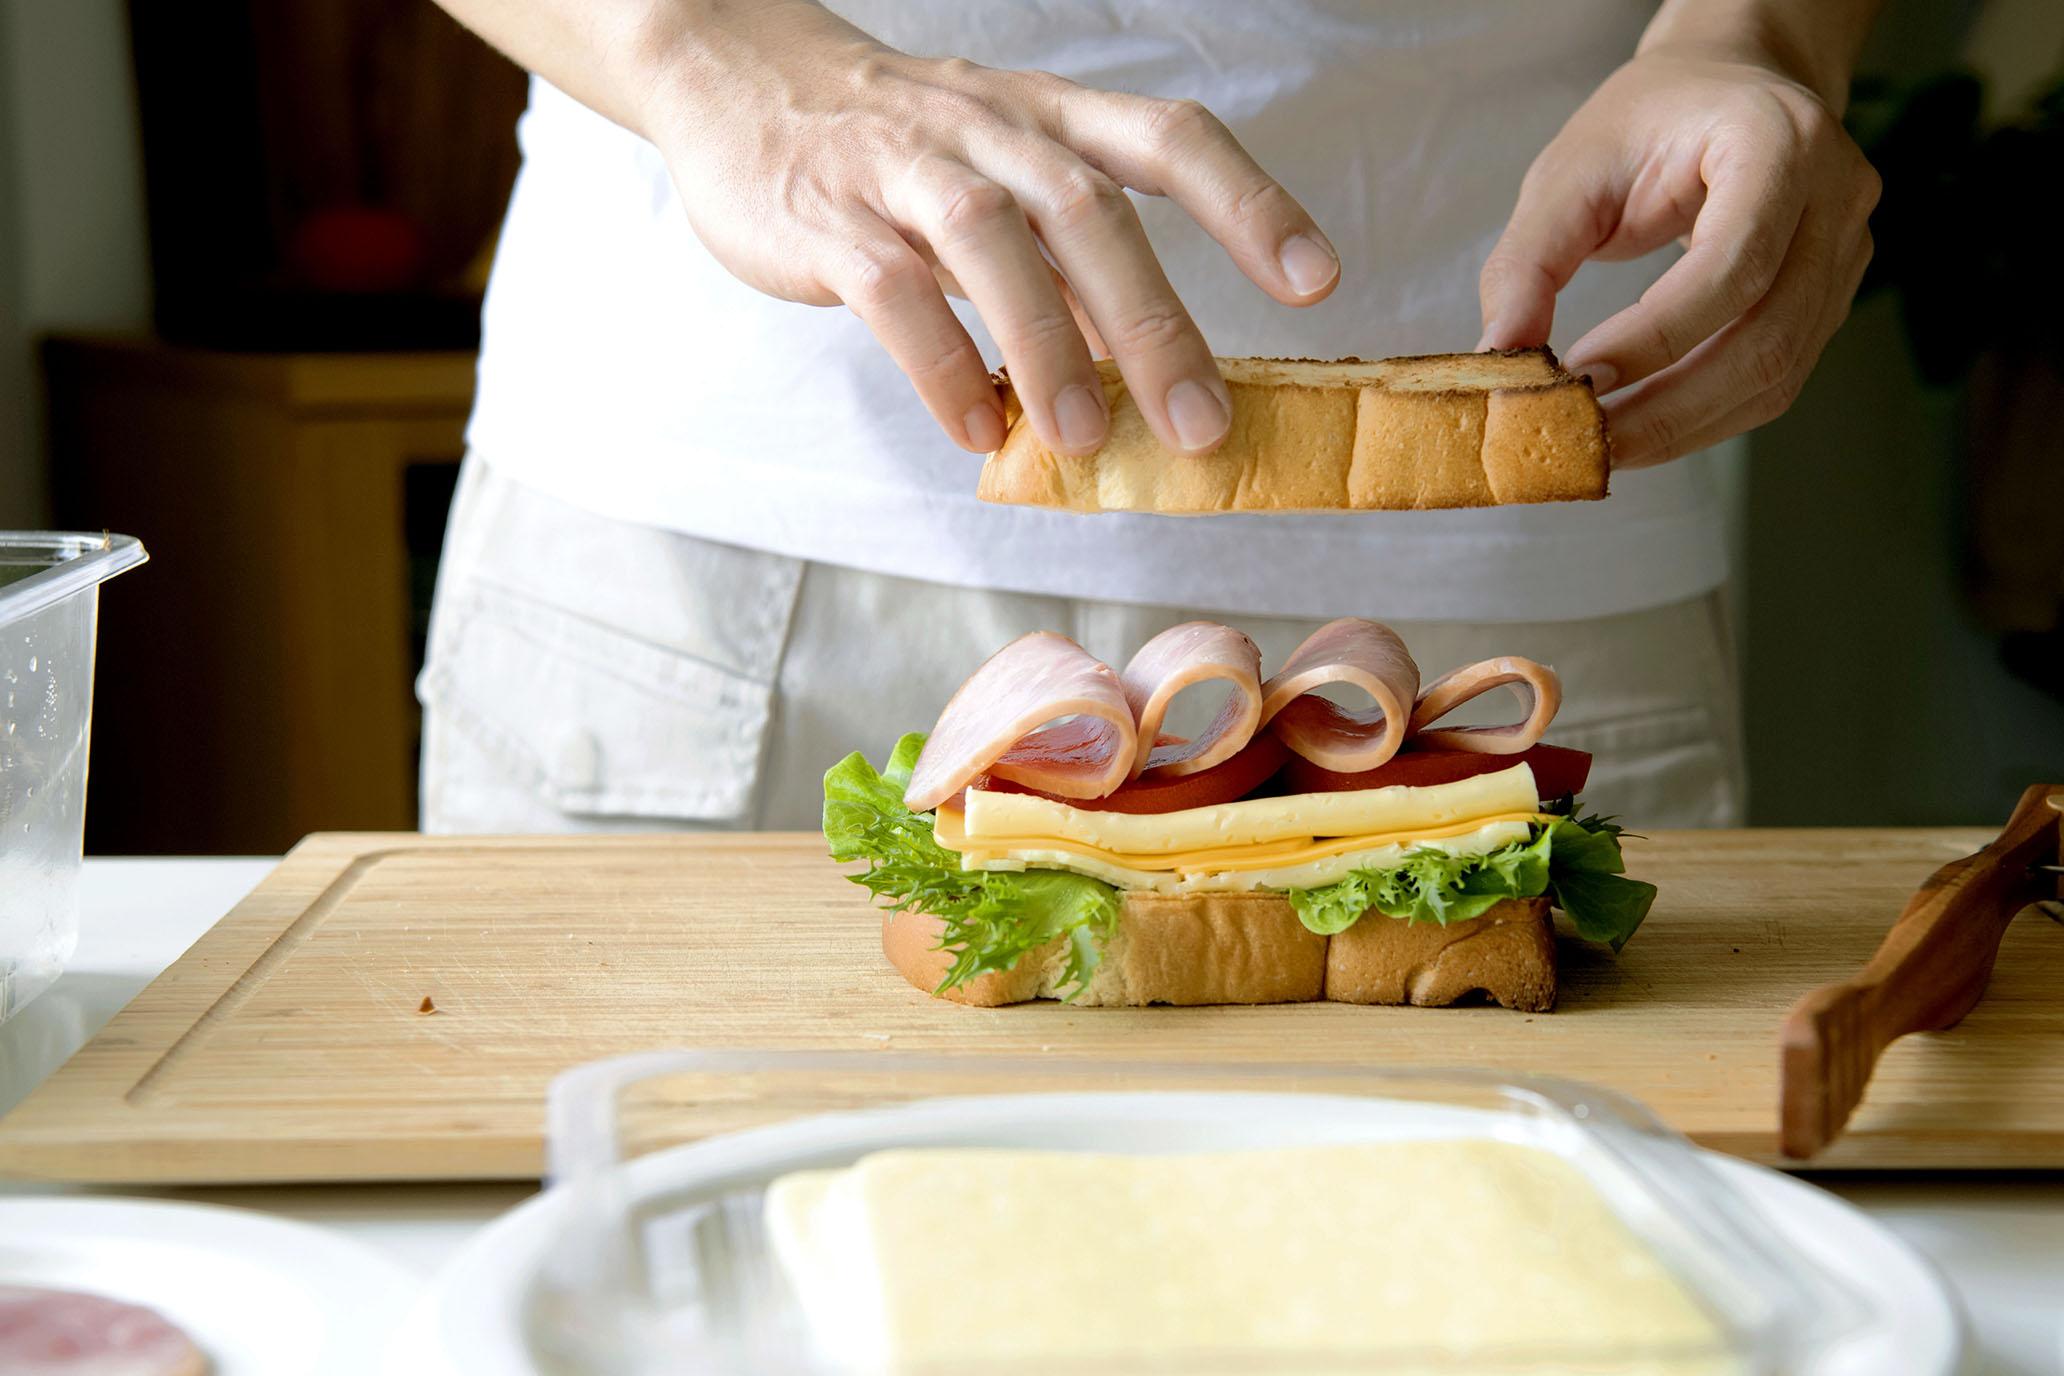 和自己說好學會獨立,但關於餘生美味我都想靠它|Panasonic日本超人氣智能烤箱NB-DT52